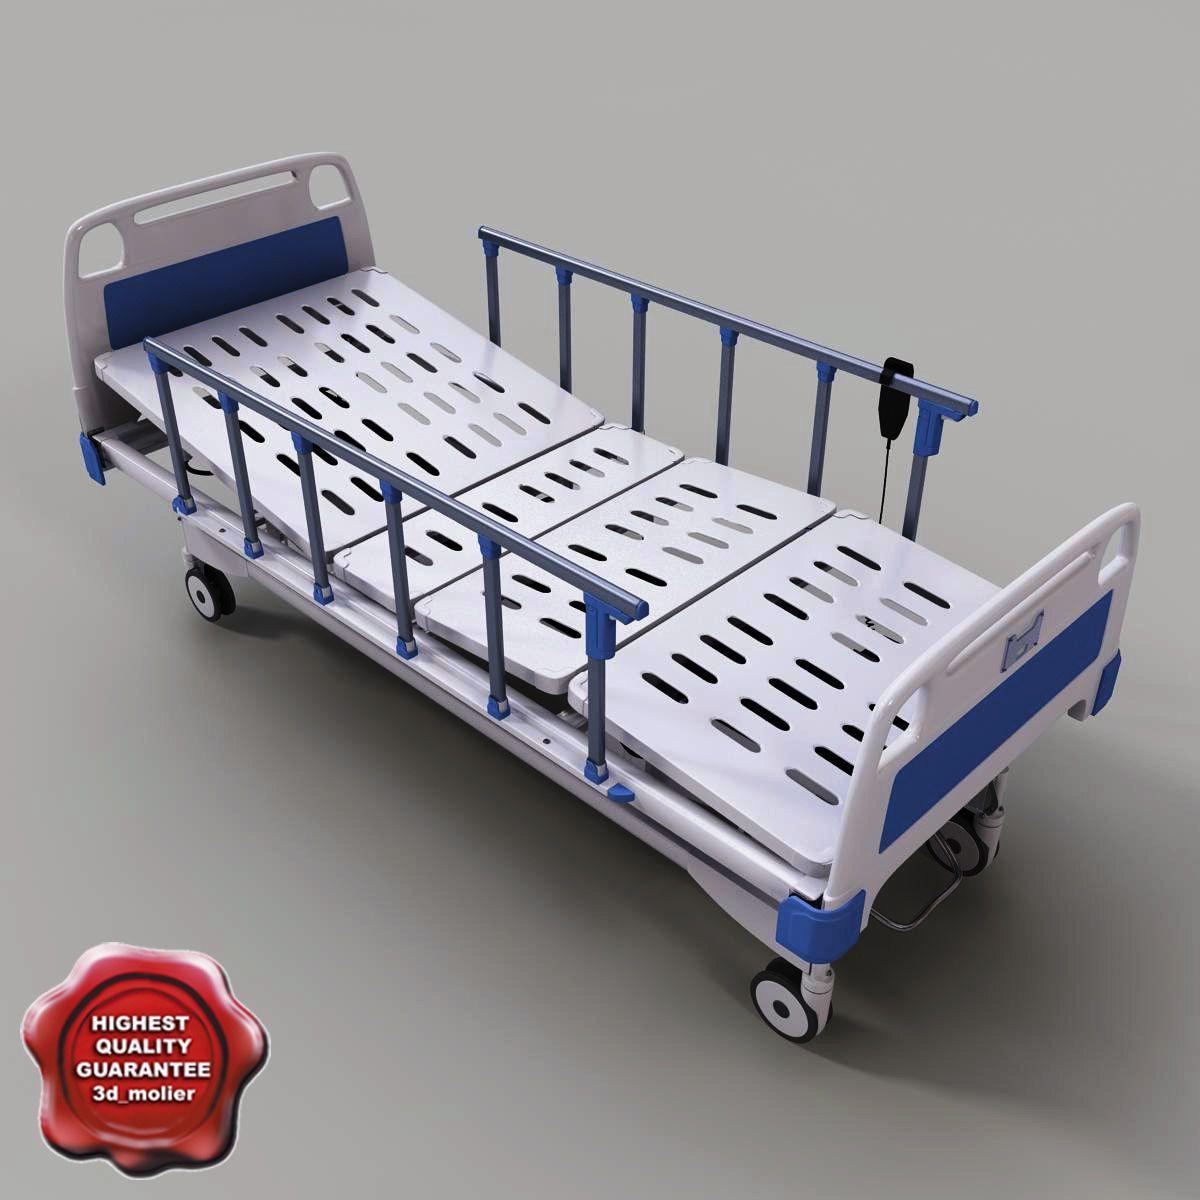 intensive care hospital bed 3d model 3d model 3d modeling